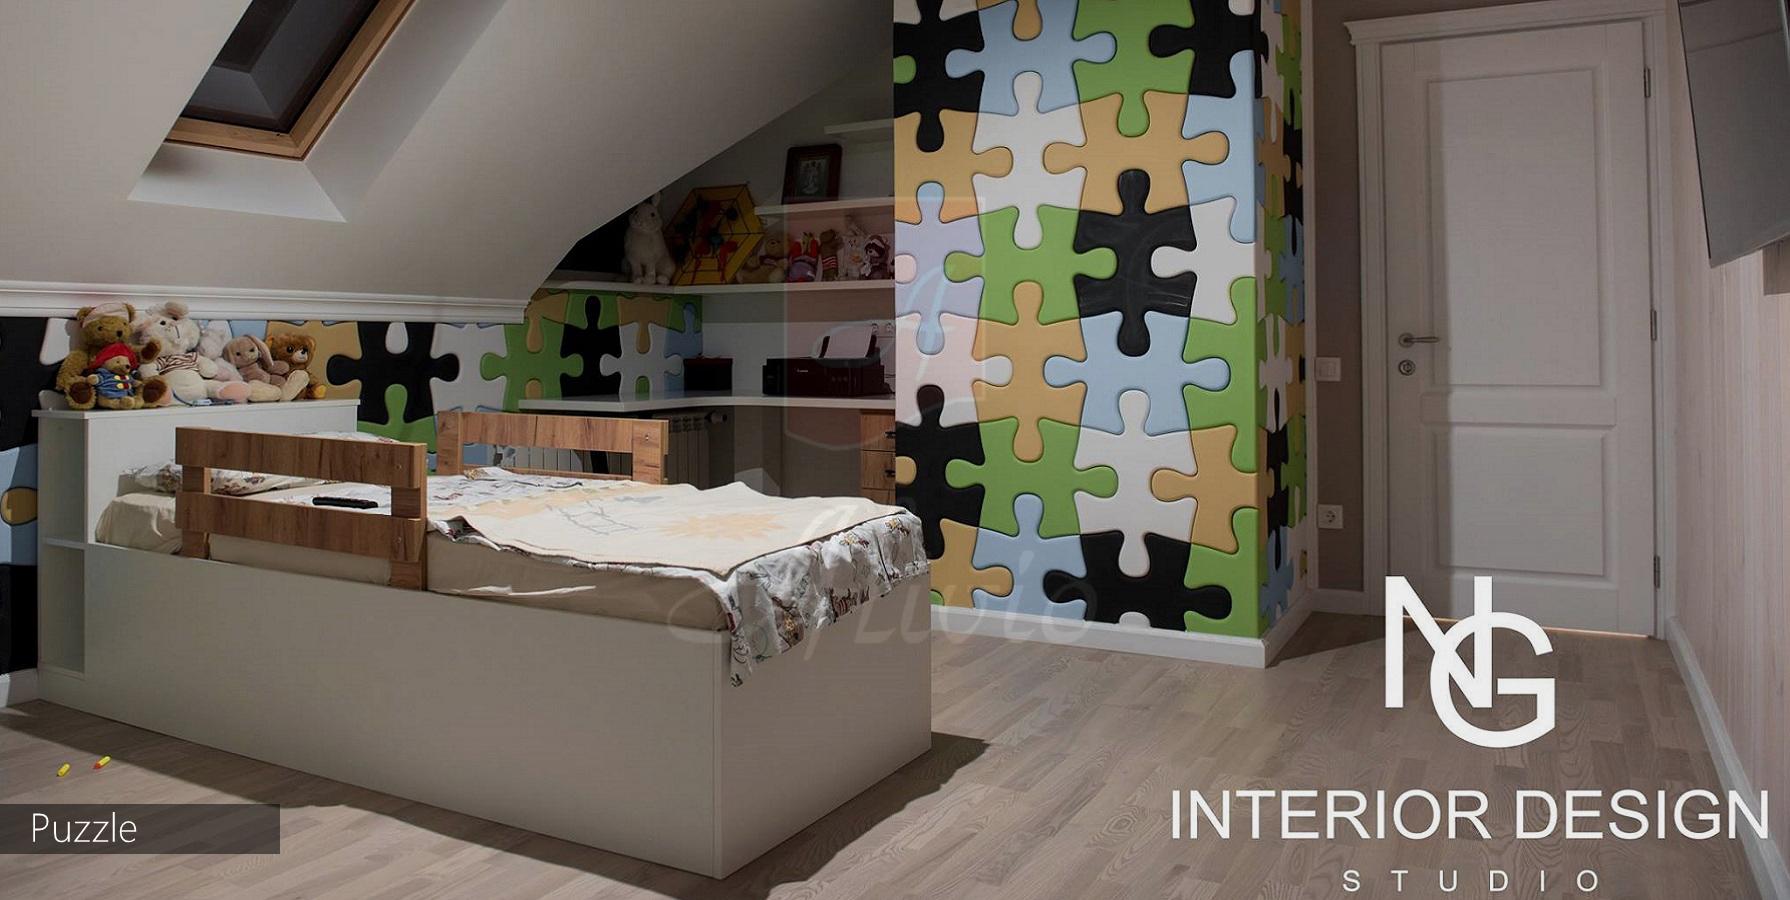 гипсовые панели 3d пазлы в детскую комнату фото